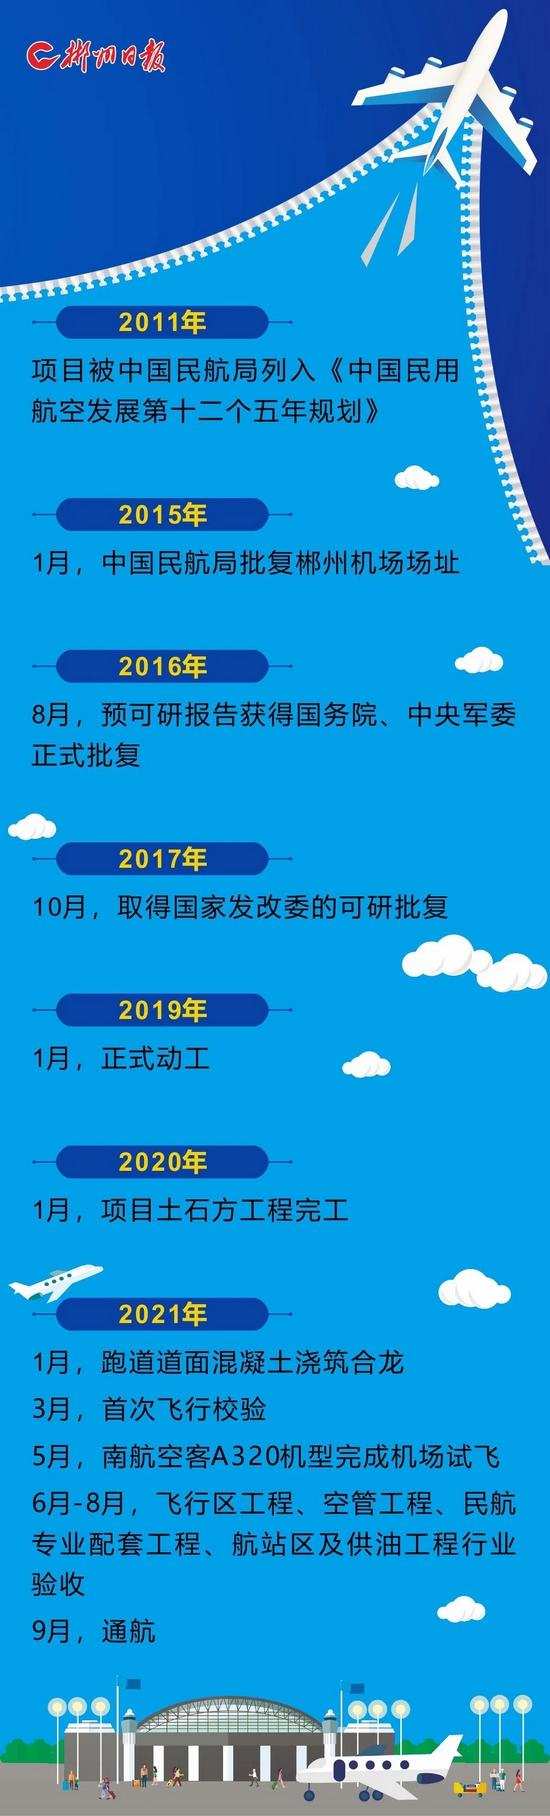 定了!郴州北湖机场9月16日正式通航!首航开通两条航线